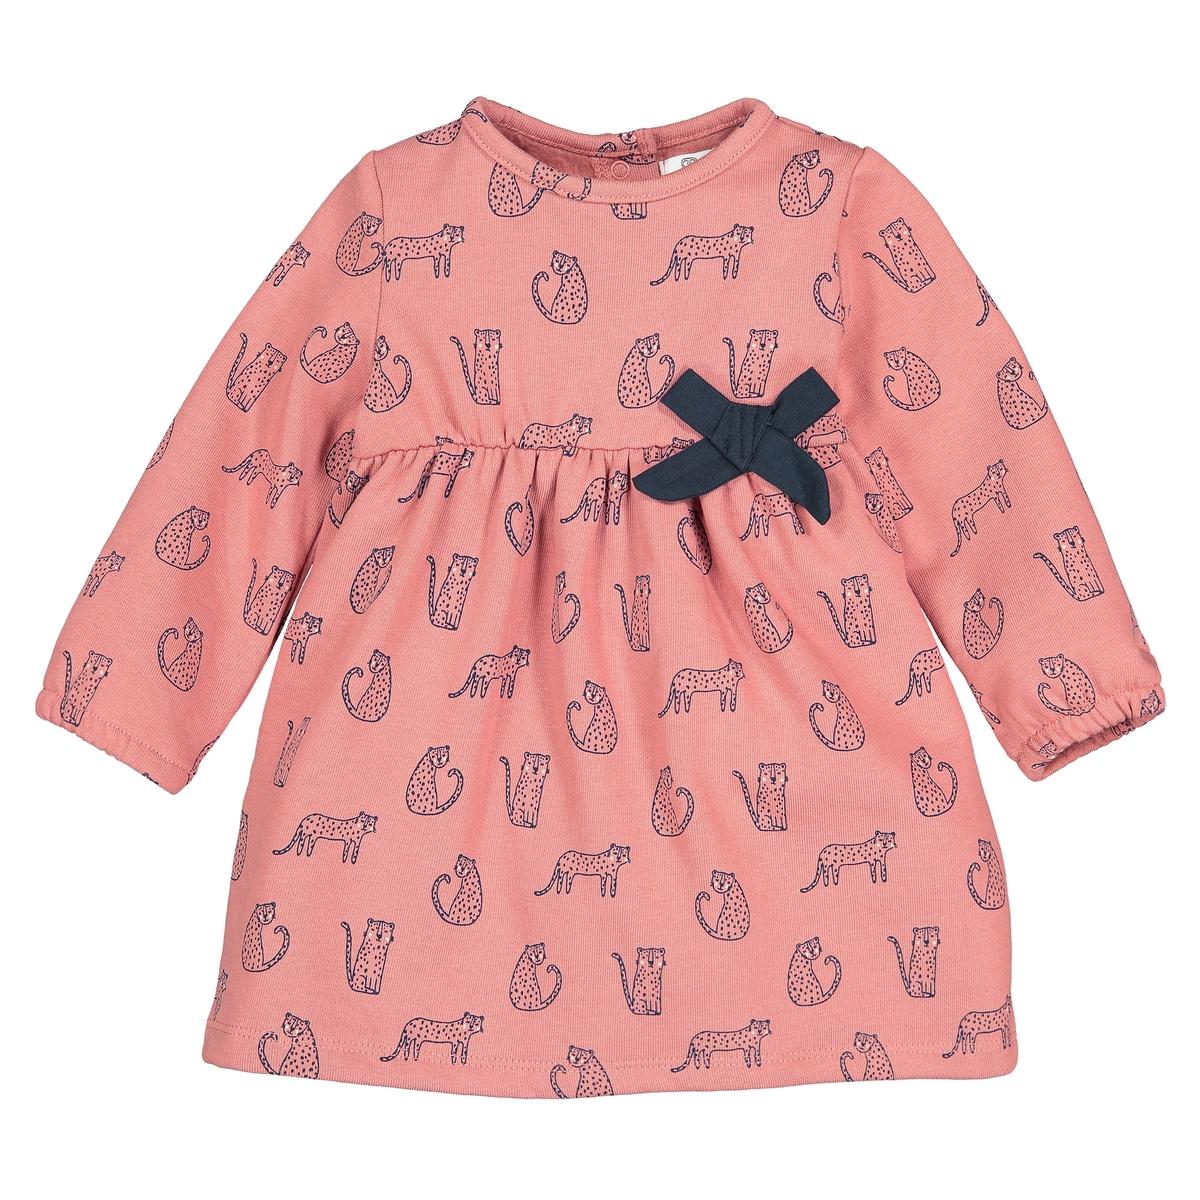 Платье La Redoute Из мольтона с леопардовым принтом мес - лет 6 мес. - 67 см розовый футболка с принтом 1 мес 4 лет